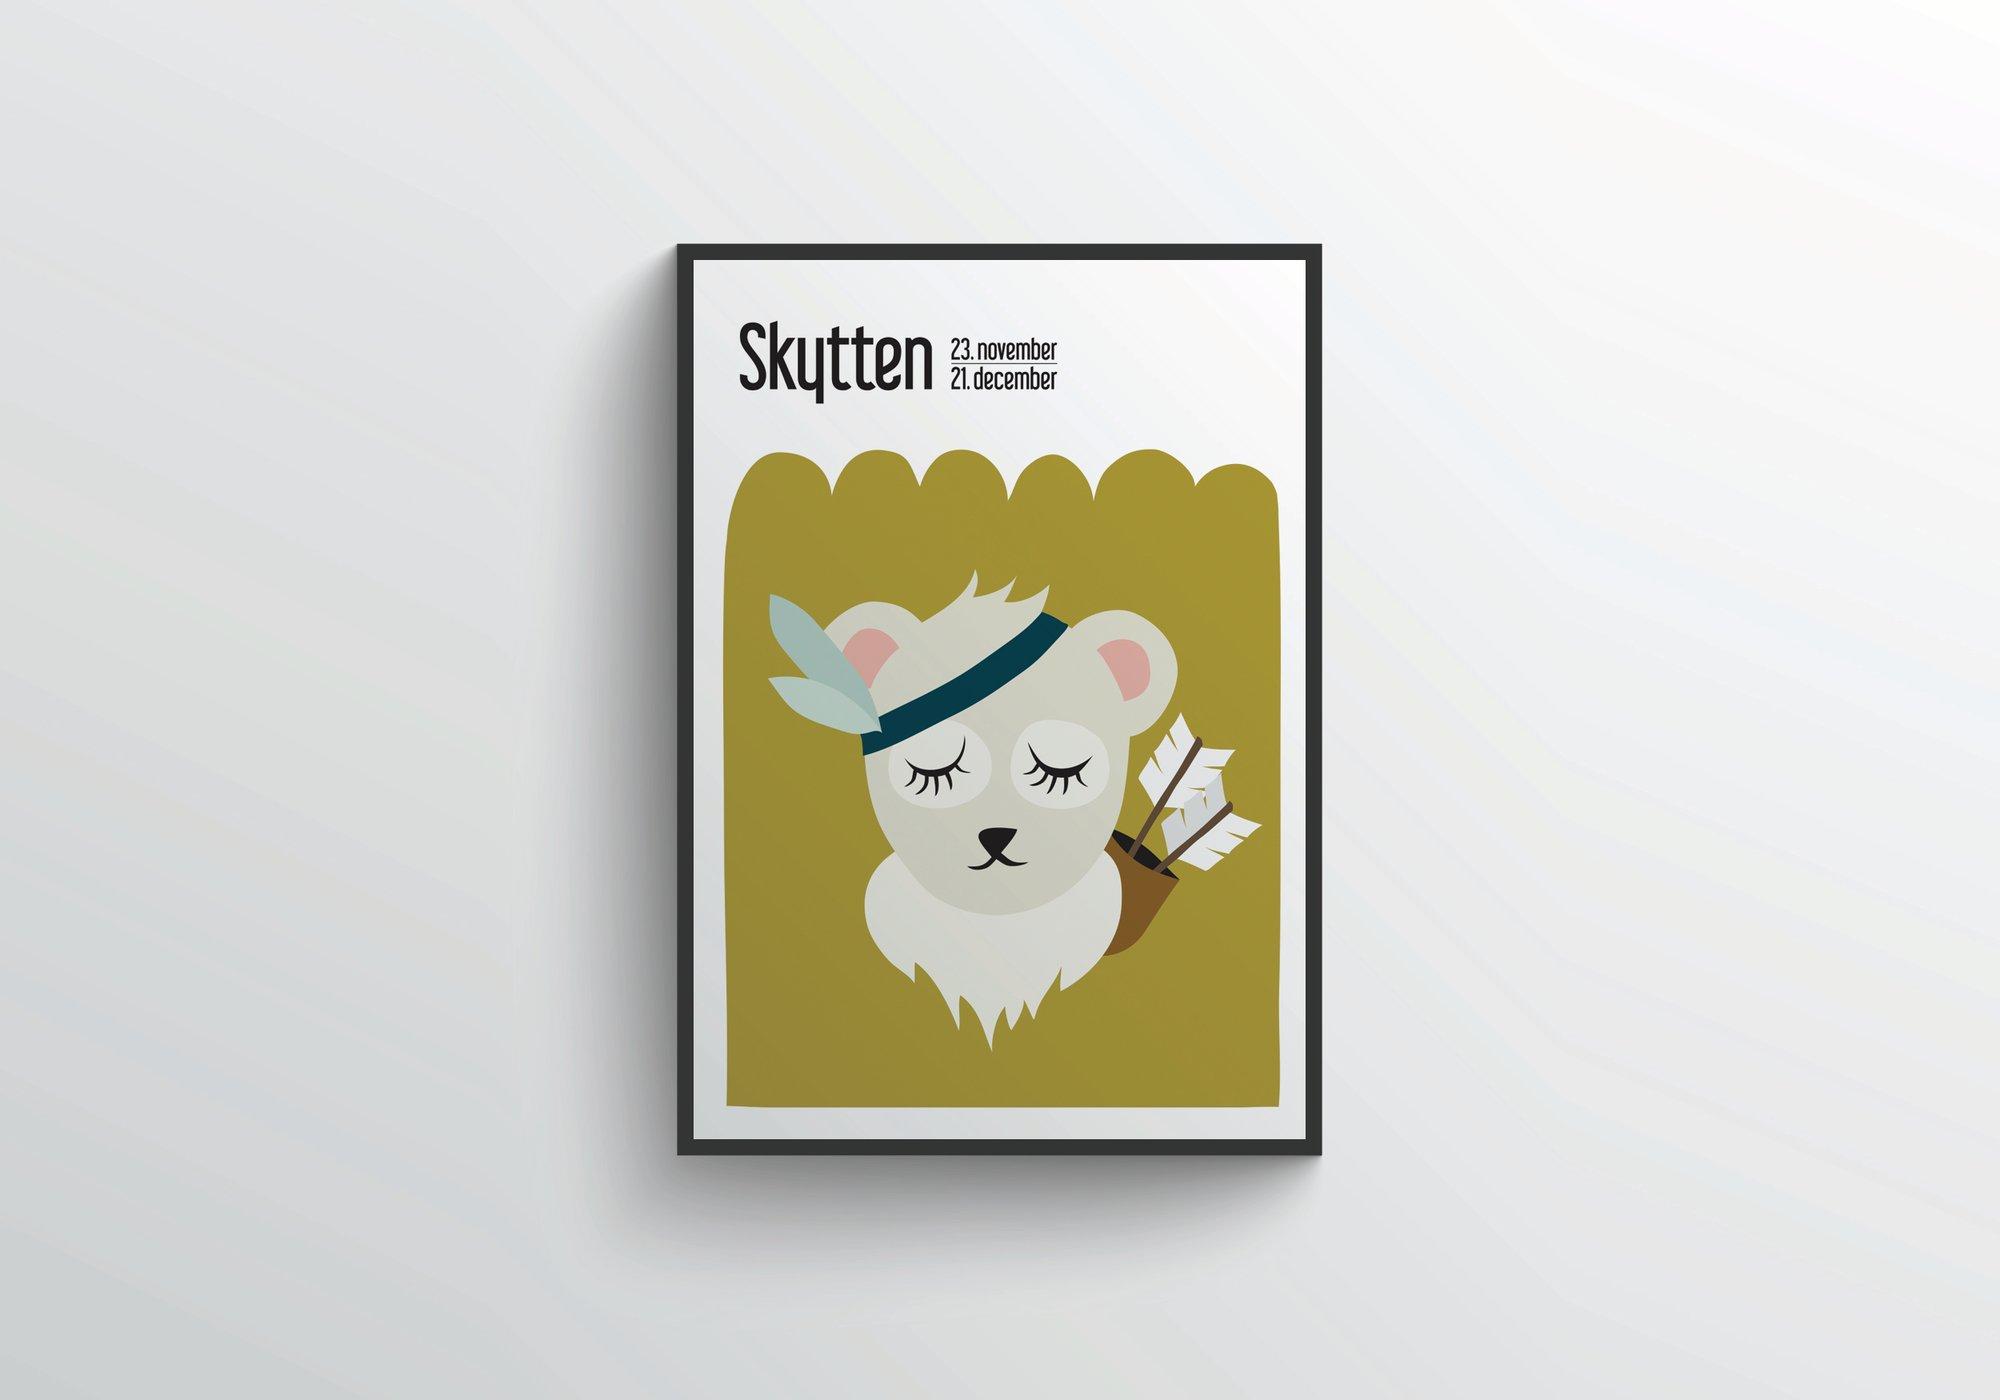 Image of Skytten